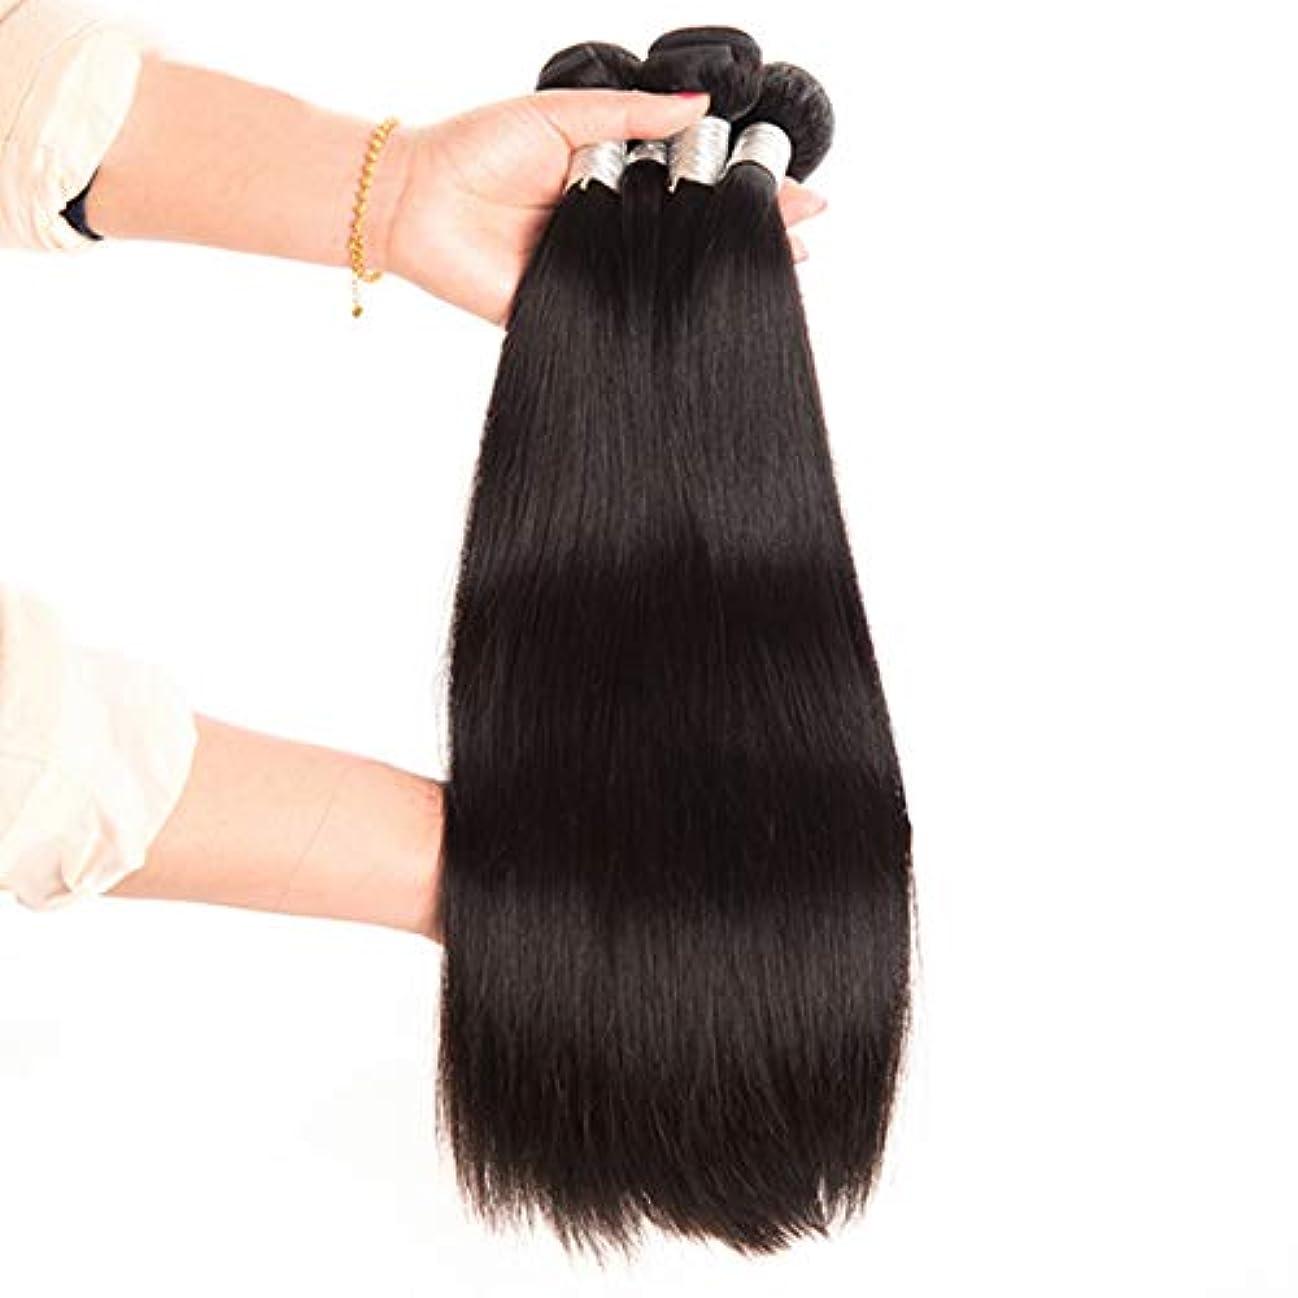 スクランブル複雑な頼む100%のremyブラジルの人間の毛髪未処理の自然な髪を編むことができます二重よこ糸人間の髪織りエクステンションシルキーストレートヘア